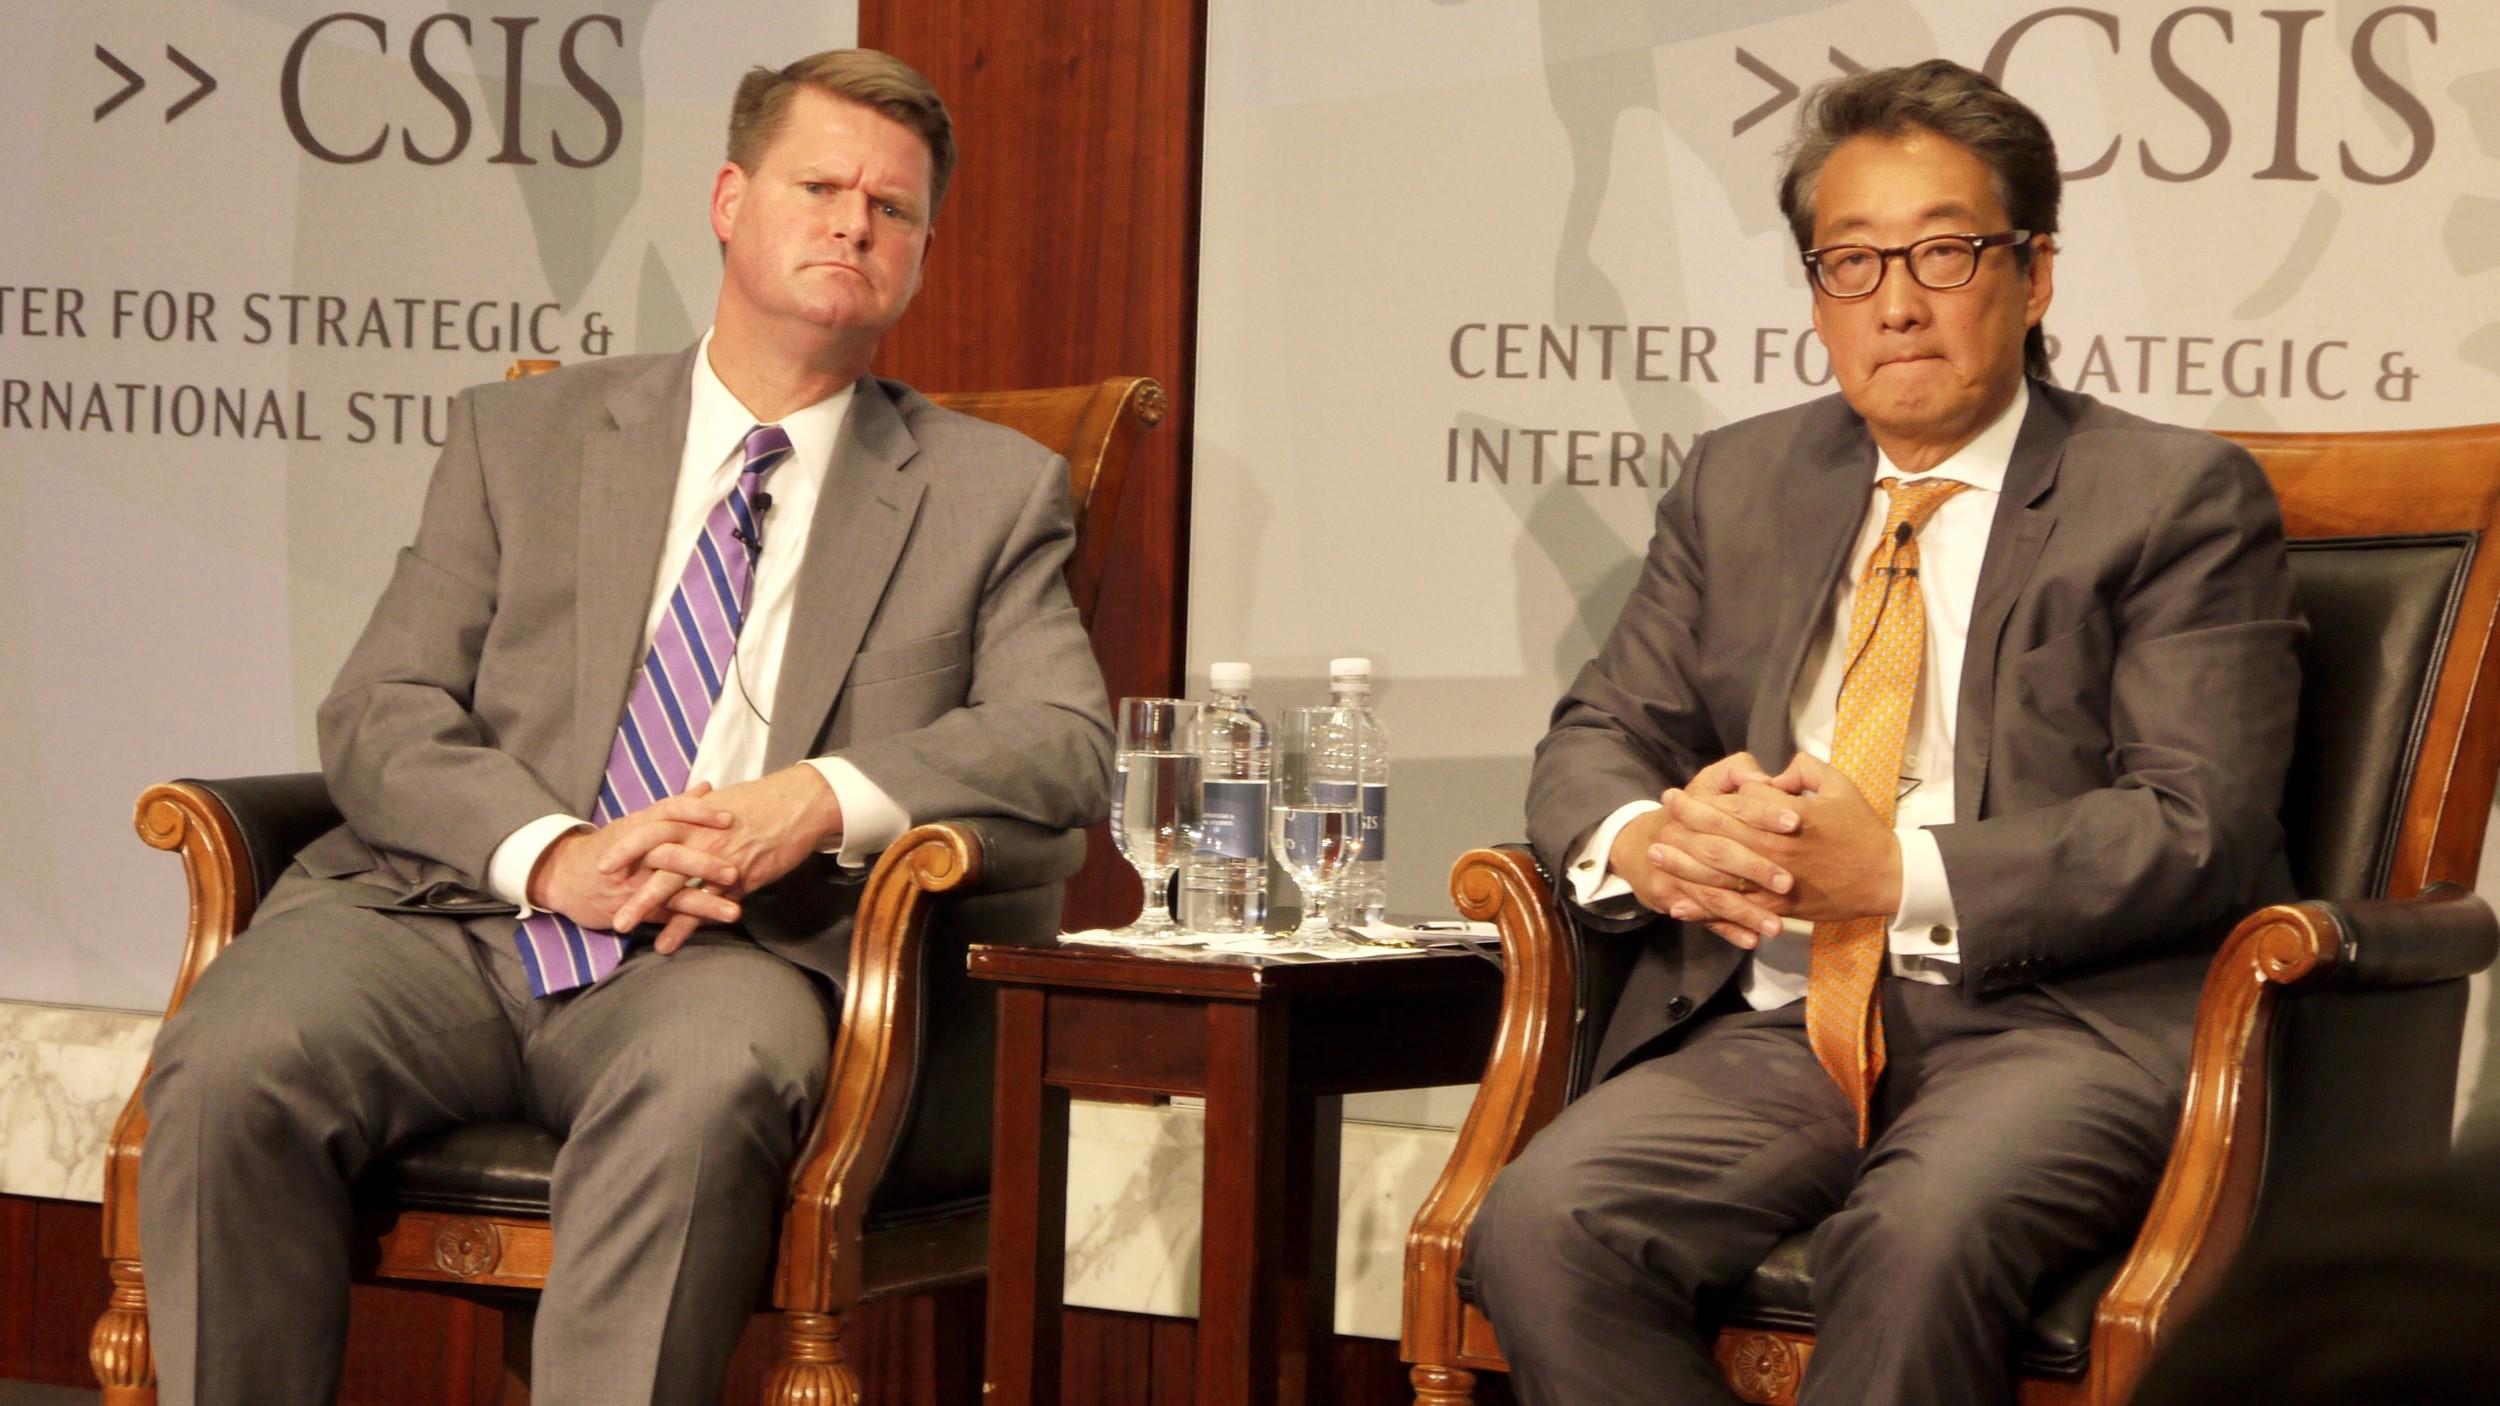 华府智库「战略暨国际研究中心」28日上午举行的研讨会,探讨美日韩三方国防事务合作的重要性。(记者郑崇生摄)